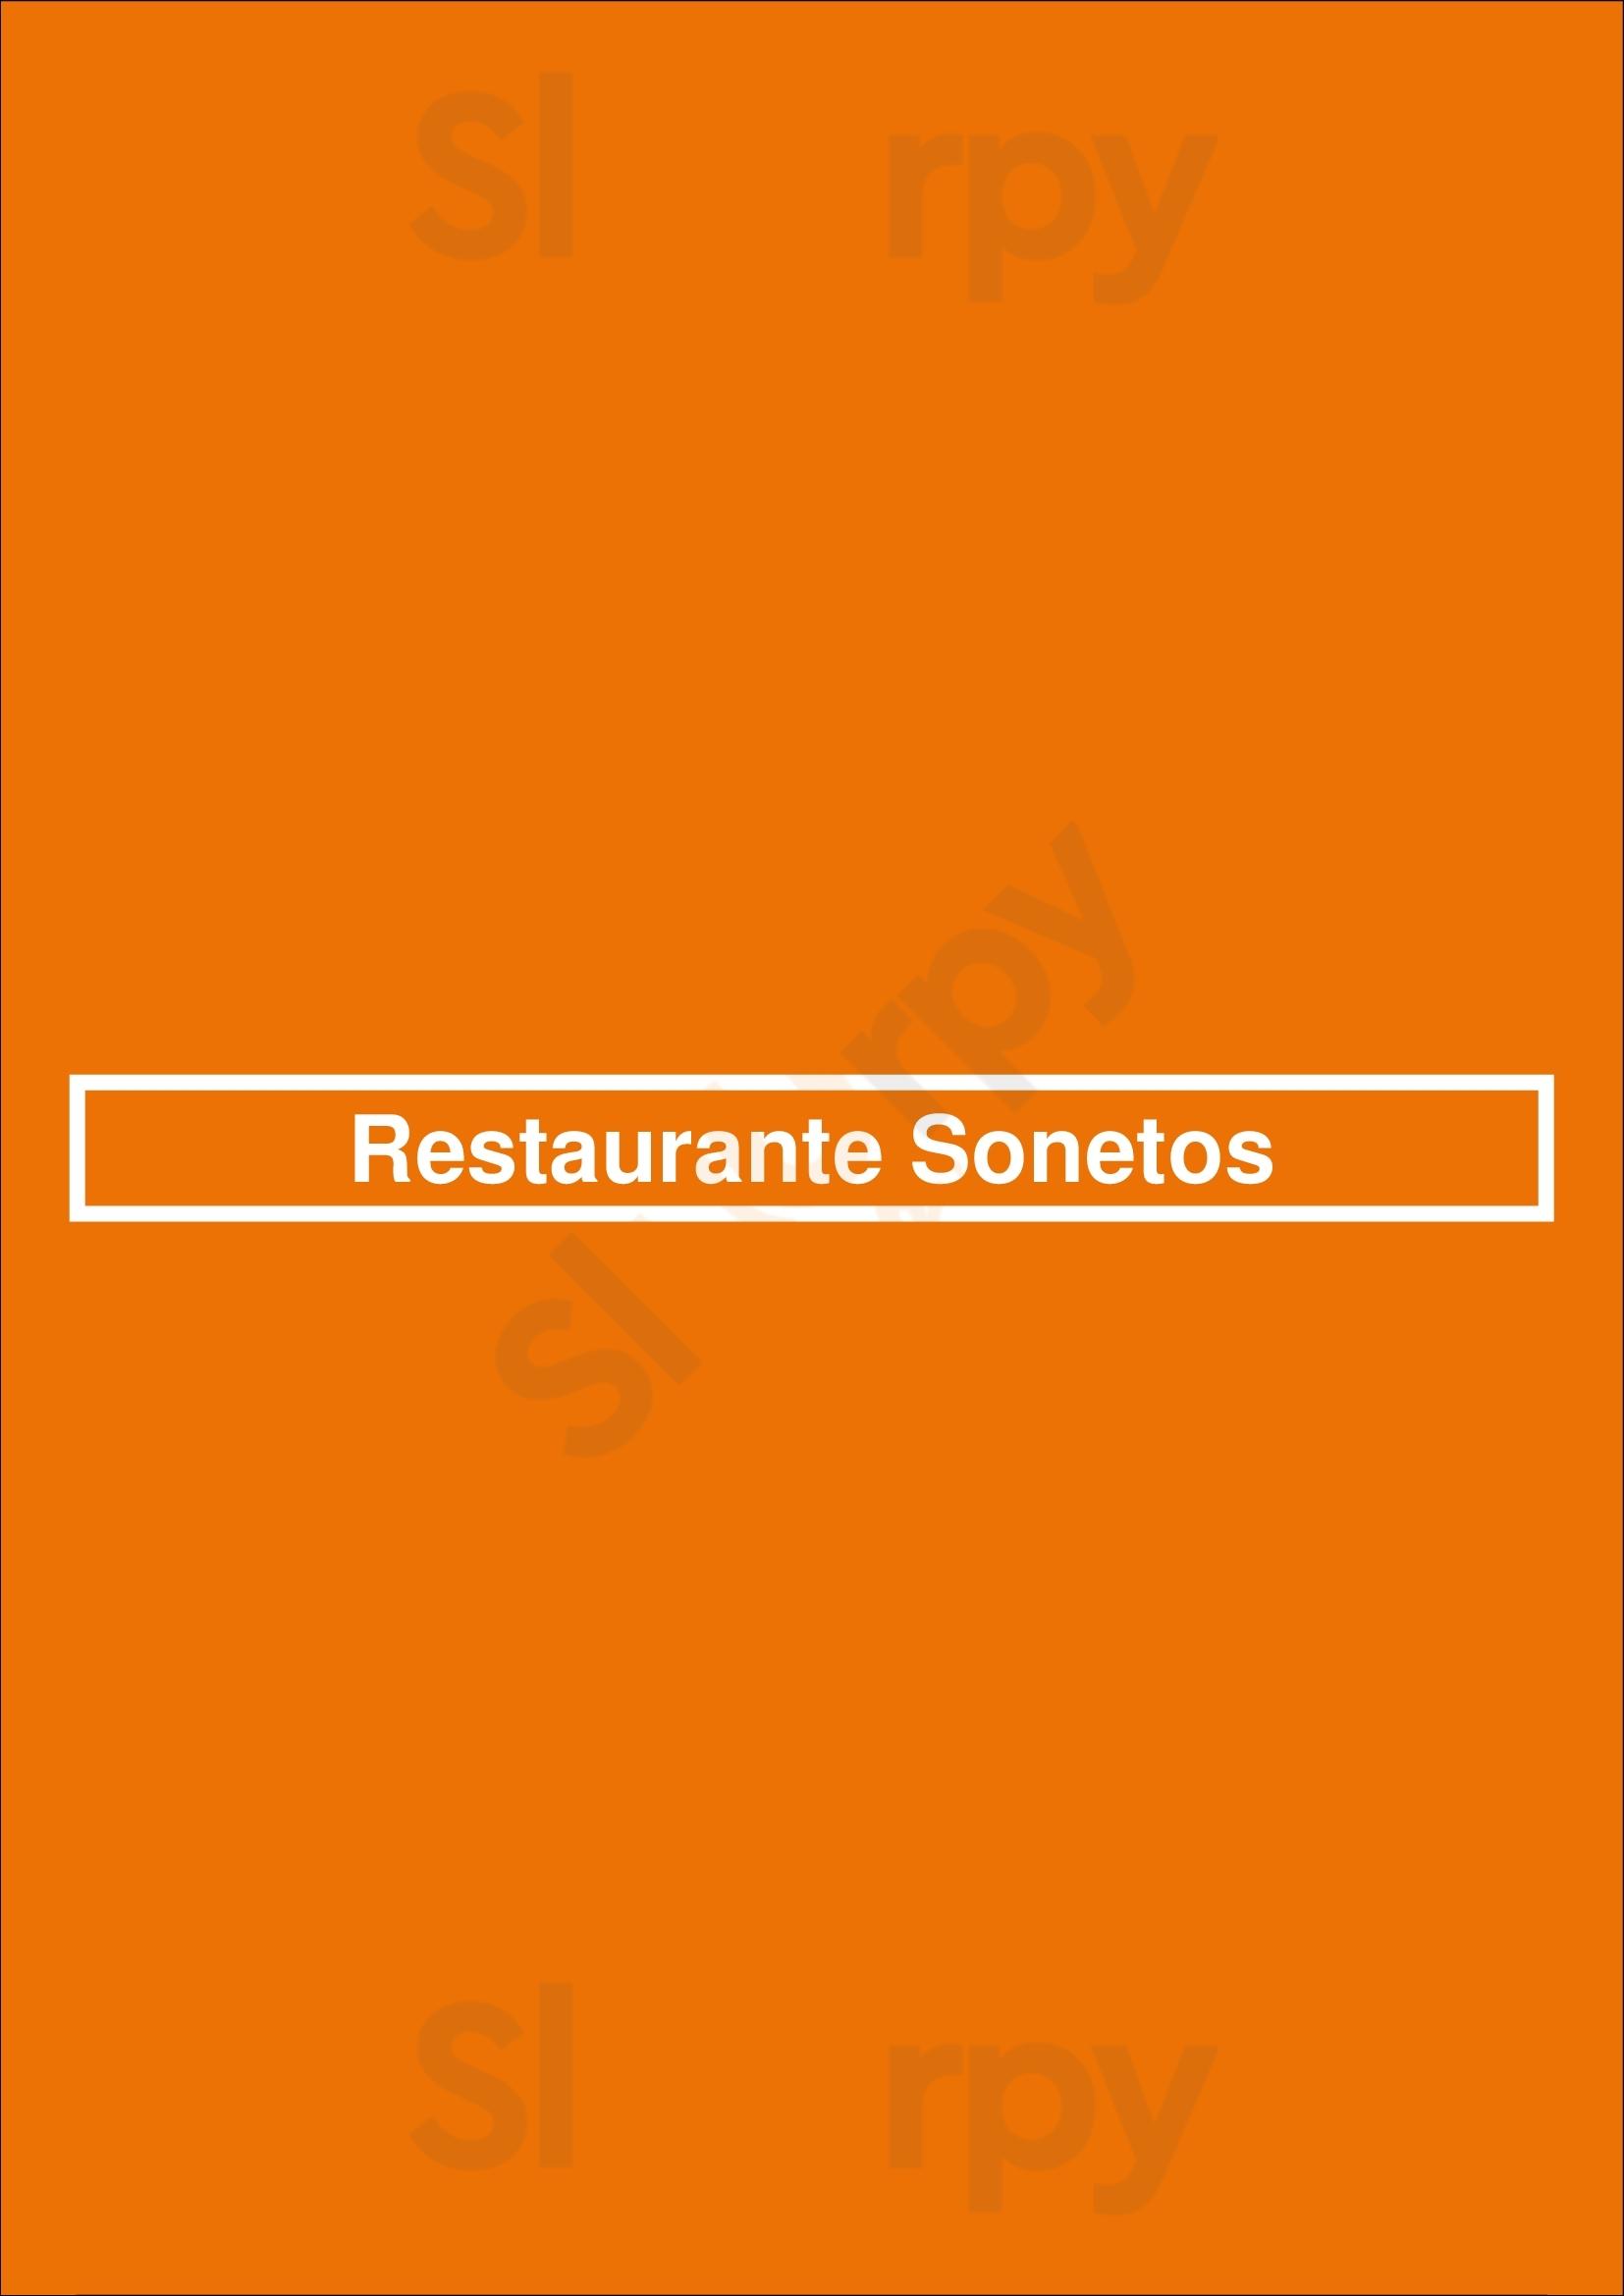 Restaurante Sonetos Porto Menu - 1